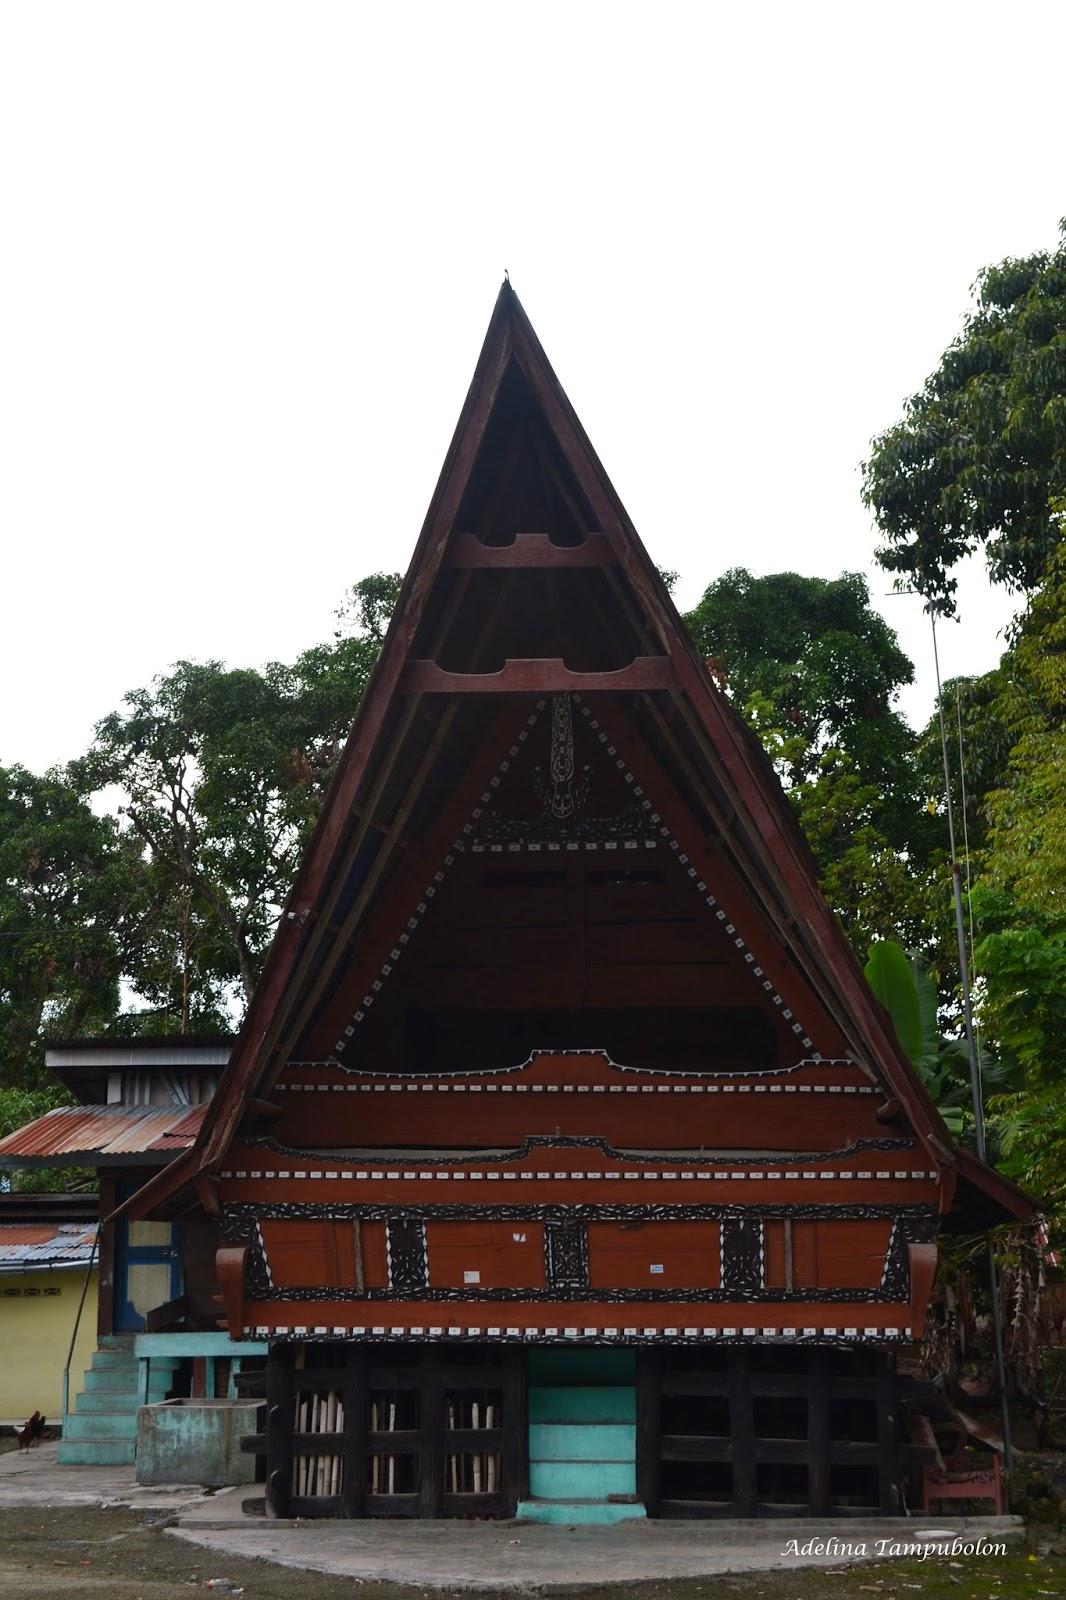 Gambar Gambar Rumah Adat Di Sumatera Utara Contoh Z